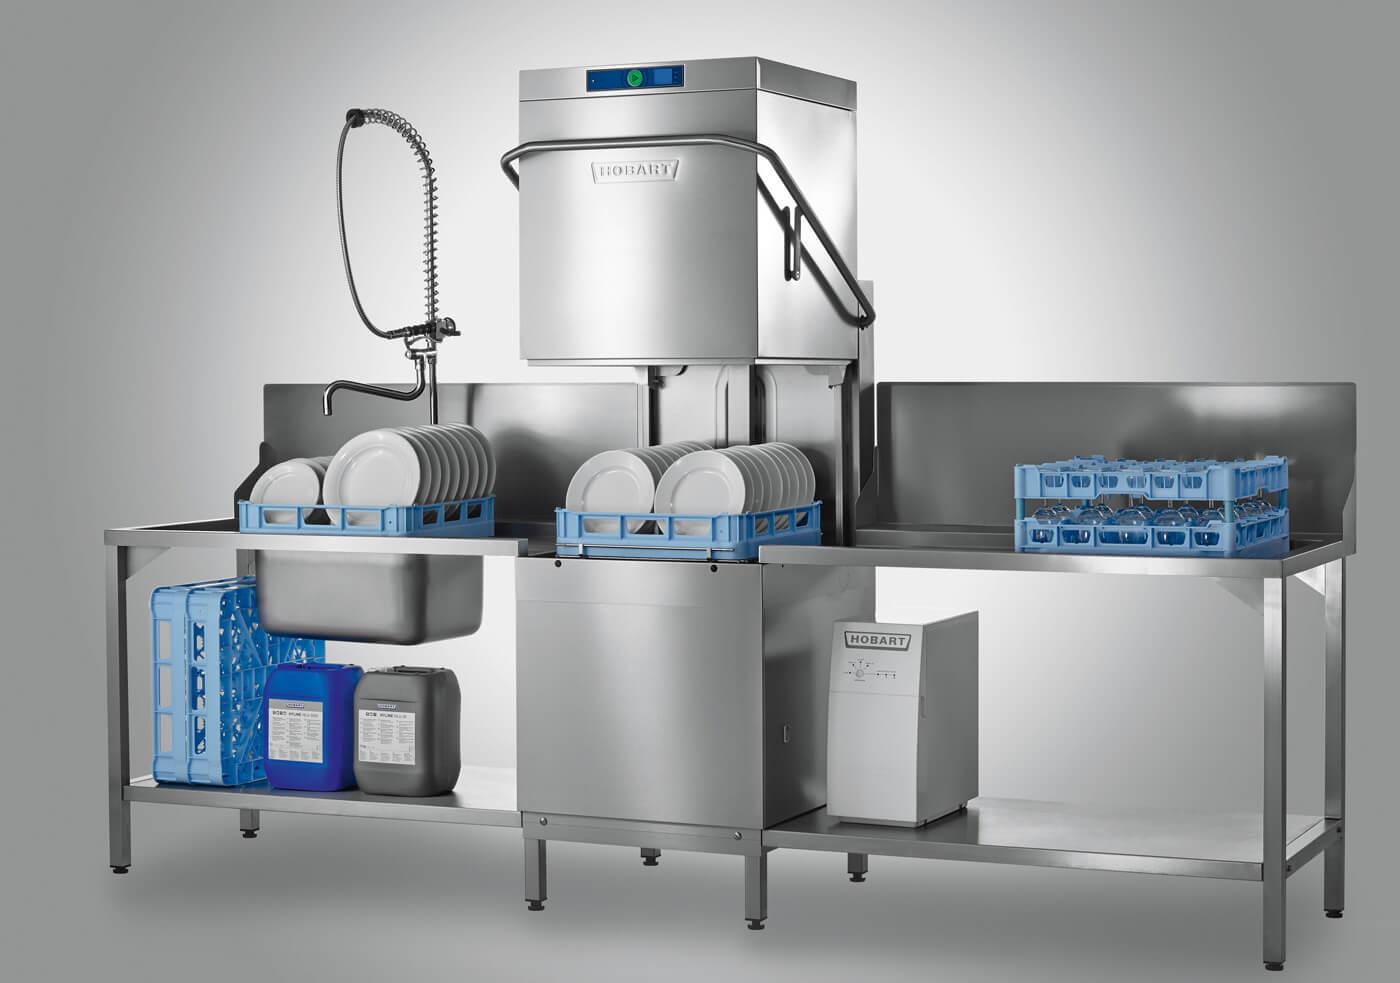 Image Result For Standard Dishwasher Dimensions